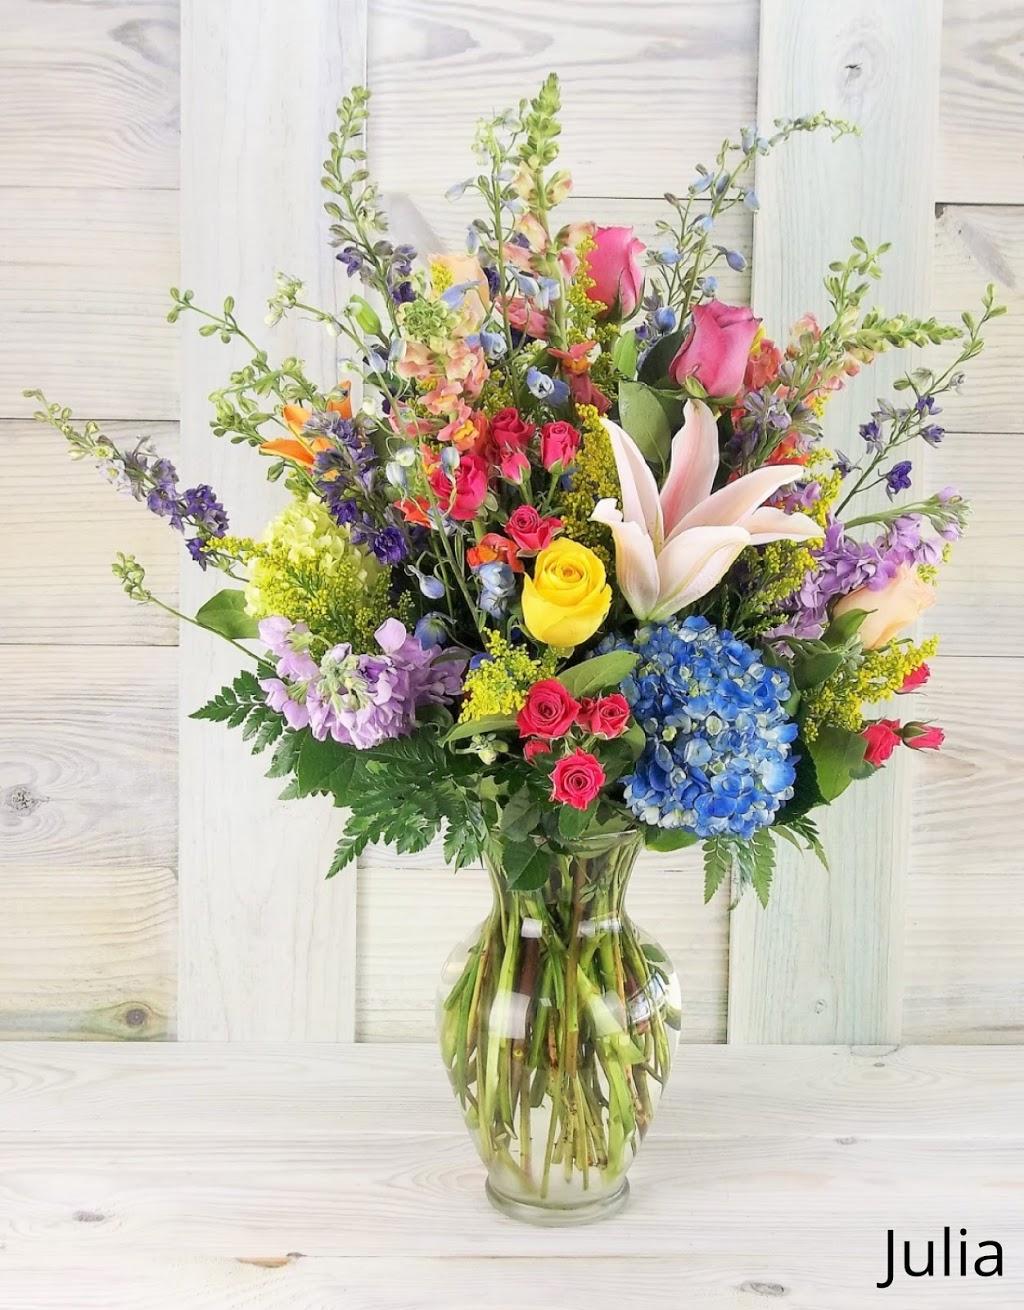 Pollards Florist - florist  | Photo 6 of 10 | Address: 609 Harpersville Rd, Newport News, VA 23601, USA | Phone: (757) 595-7661